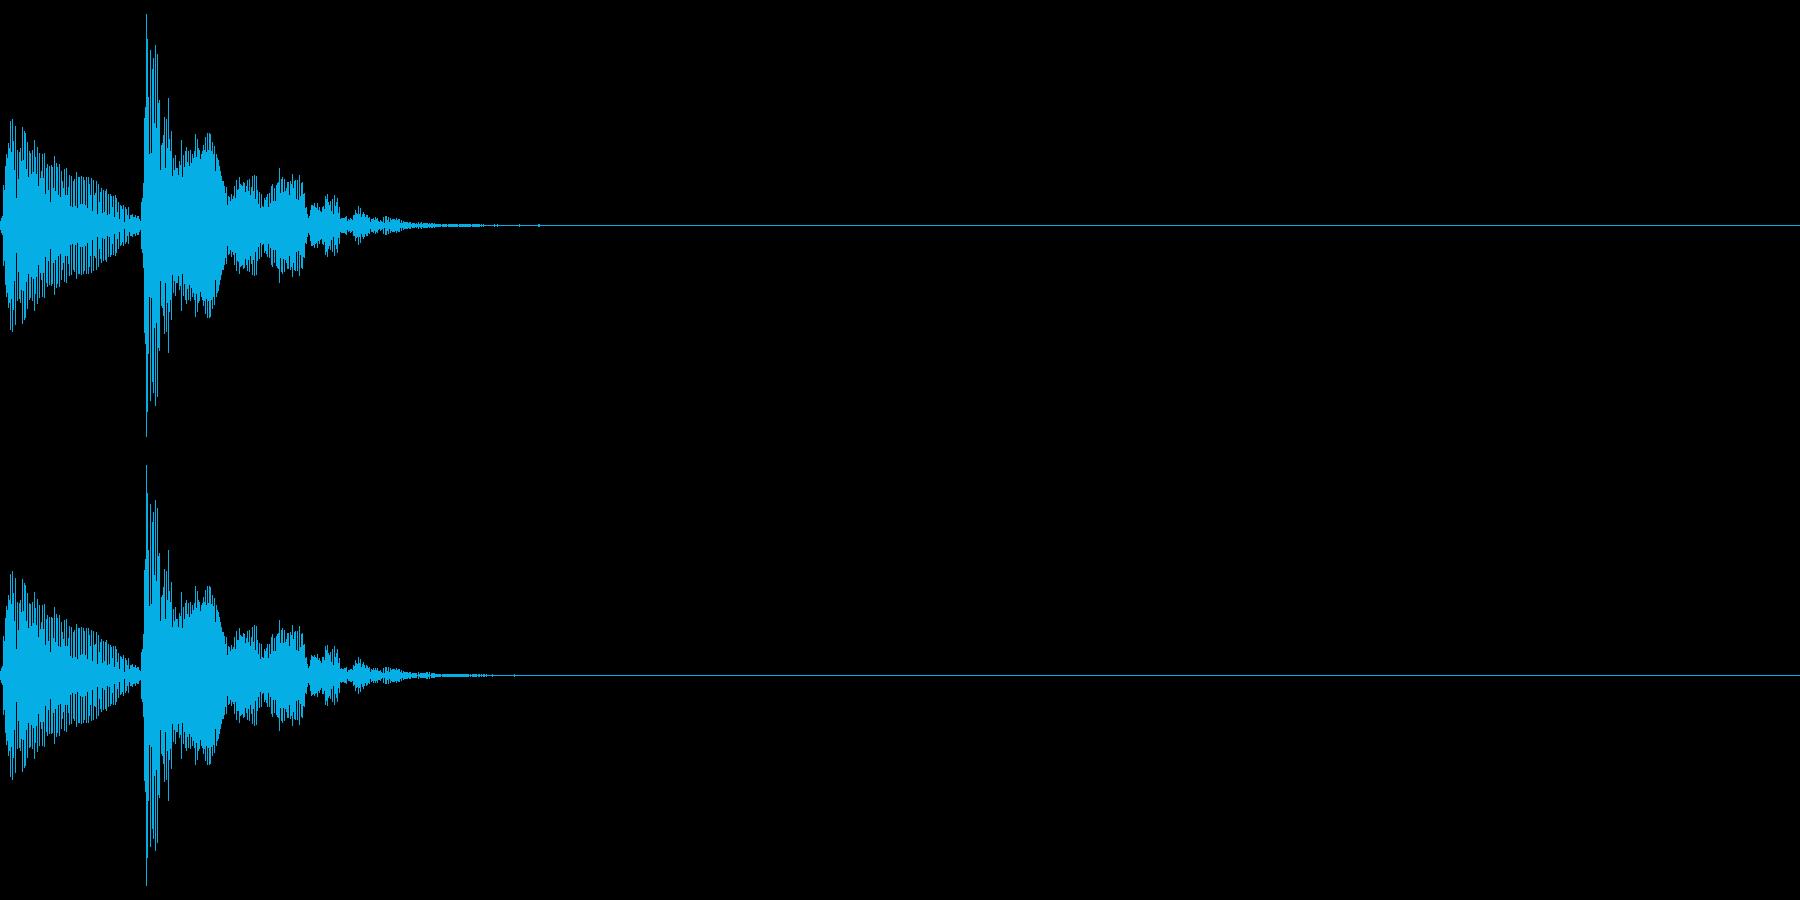 和楽器・鼓(つづみ)のポポン1の再生済みの波形